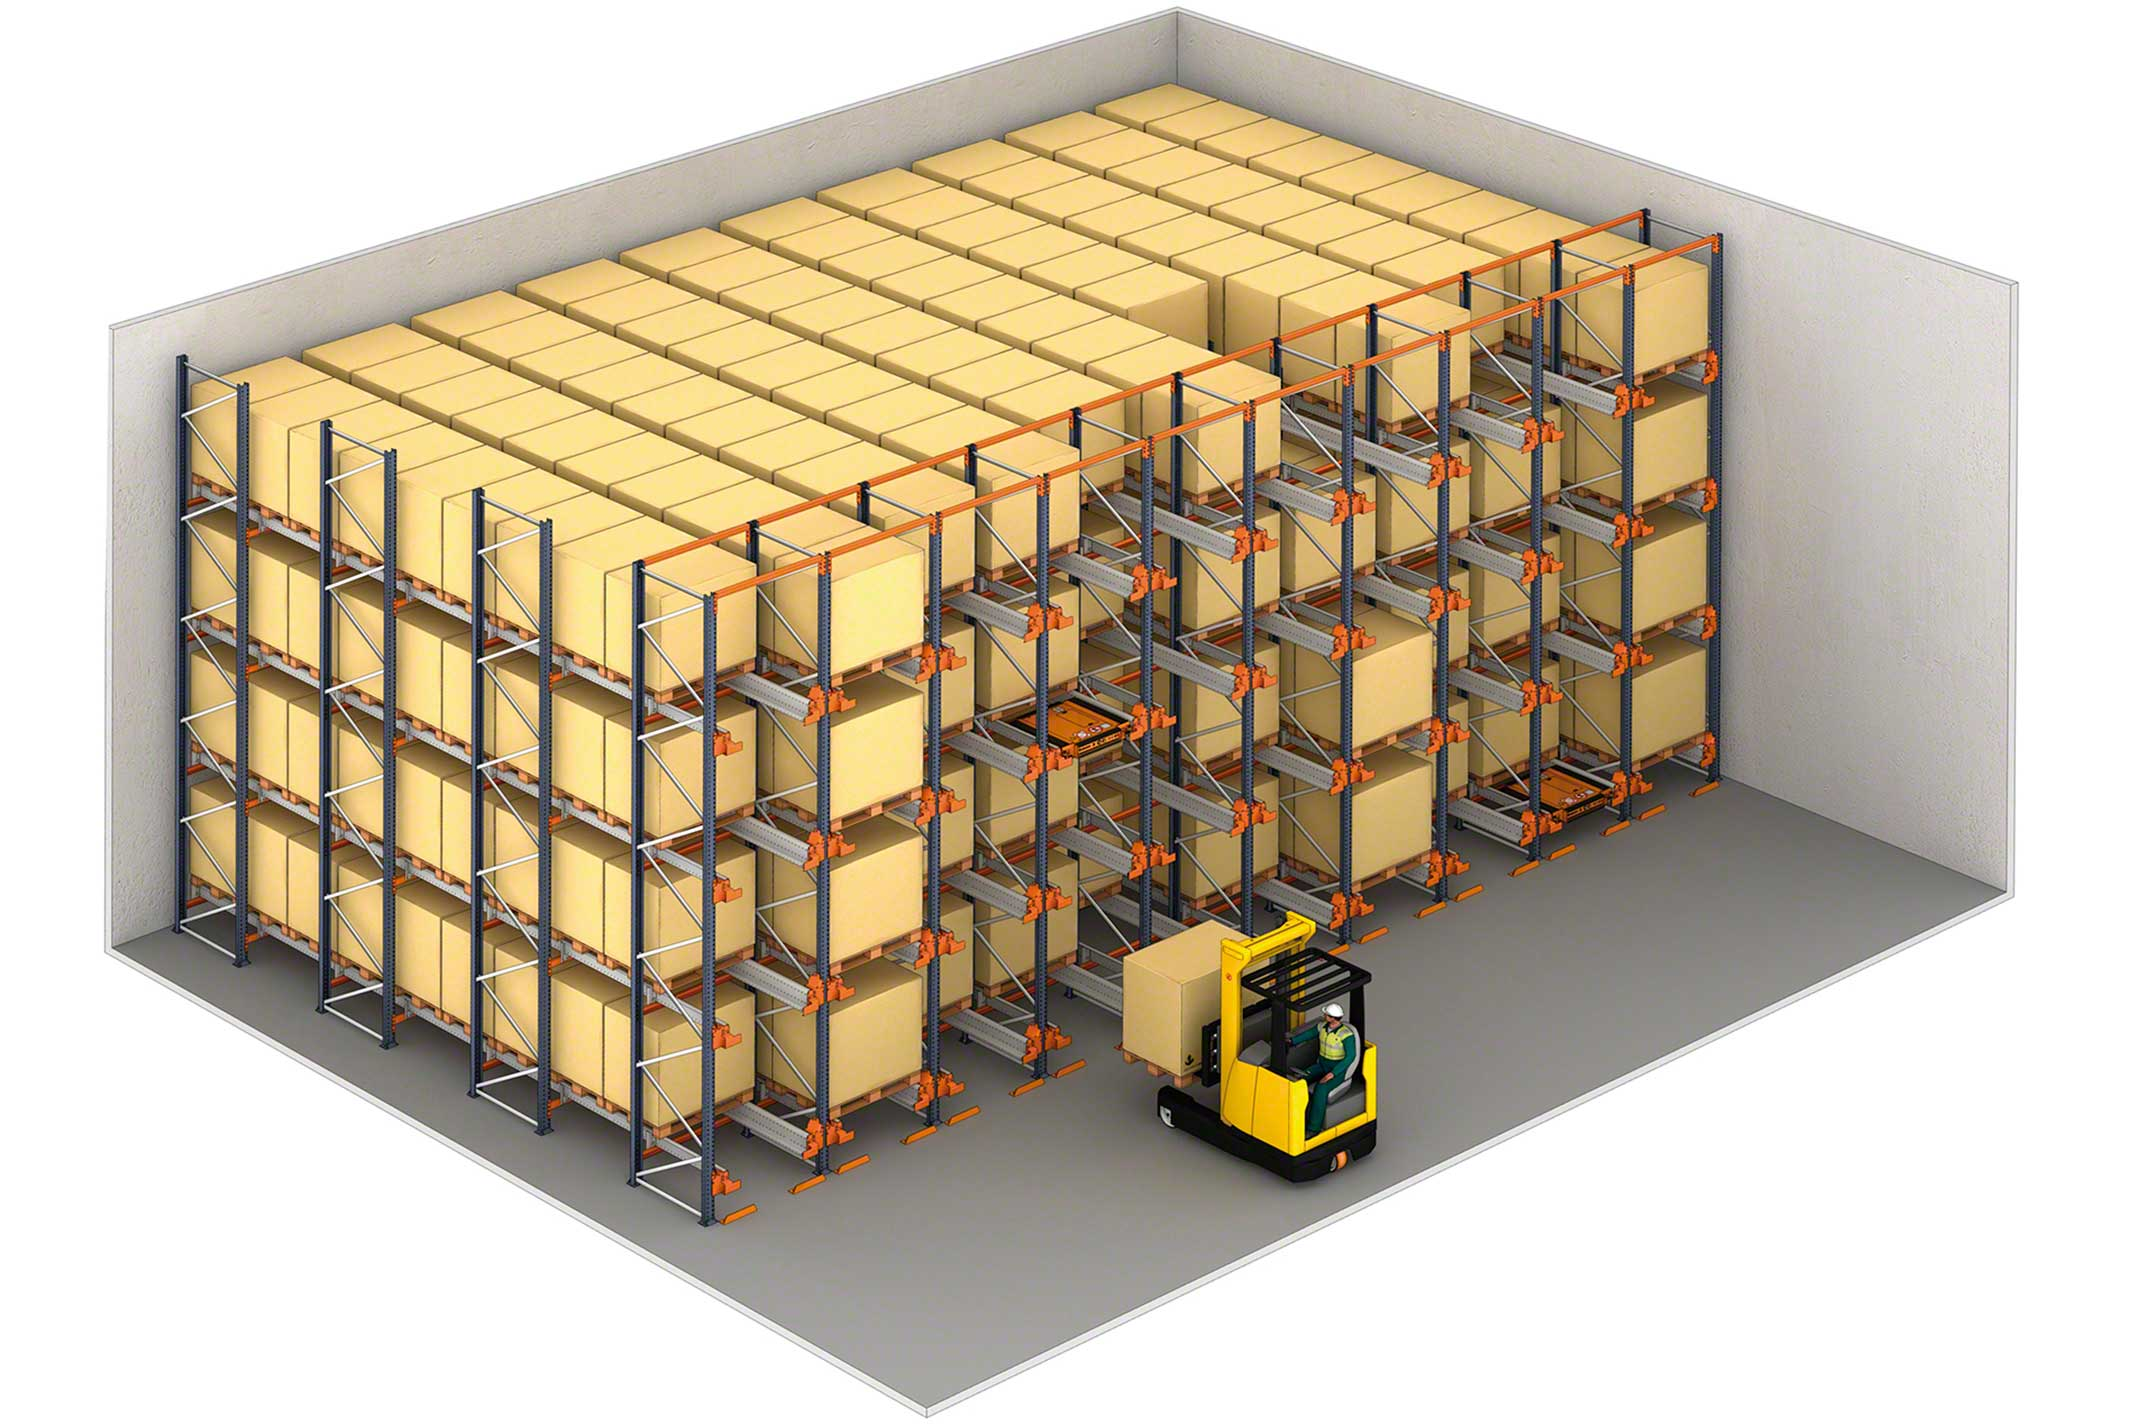 Exemple d'un entrepôt de stockage par accumulation avec Pallet Shuttle